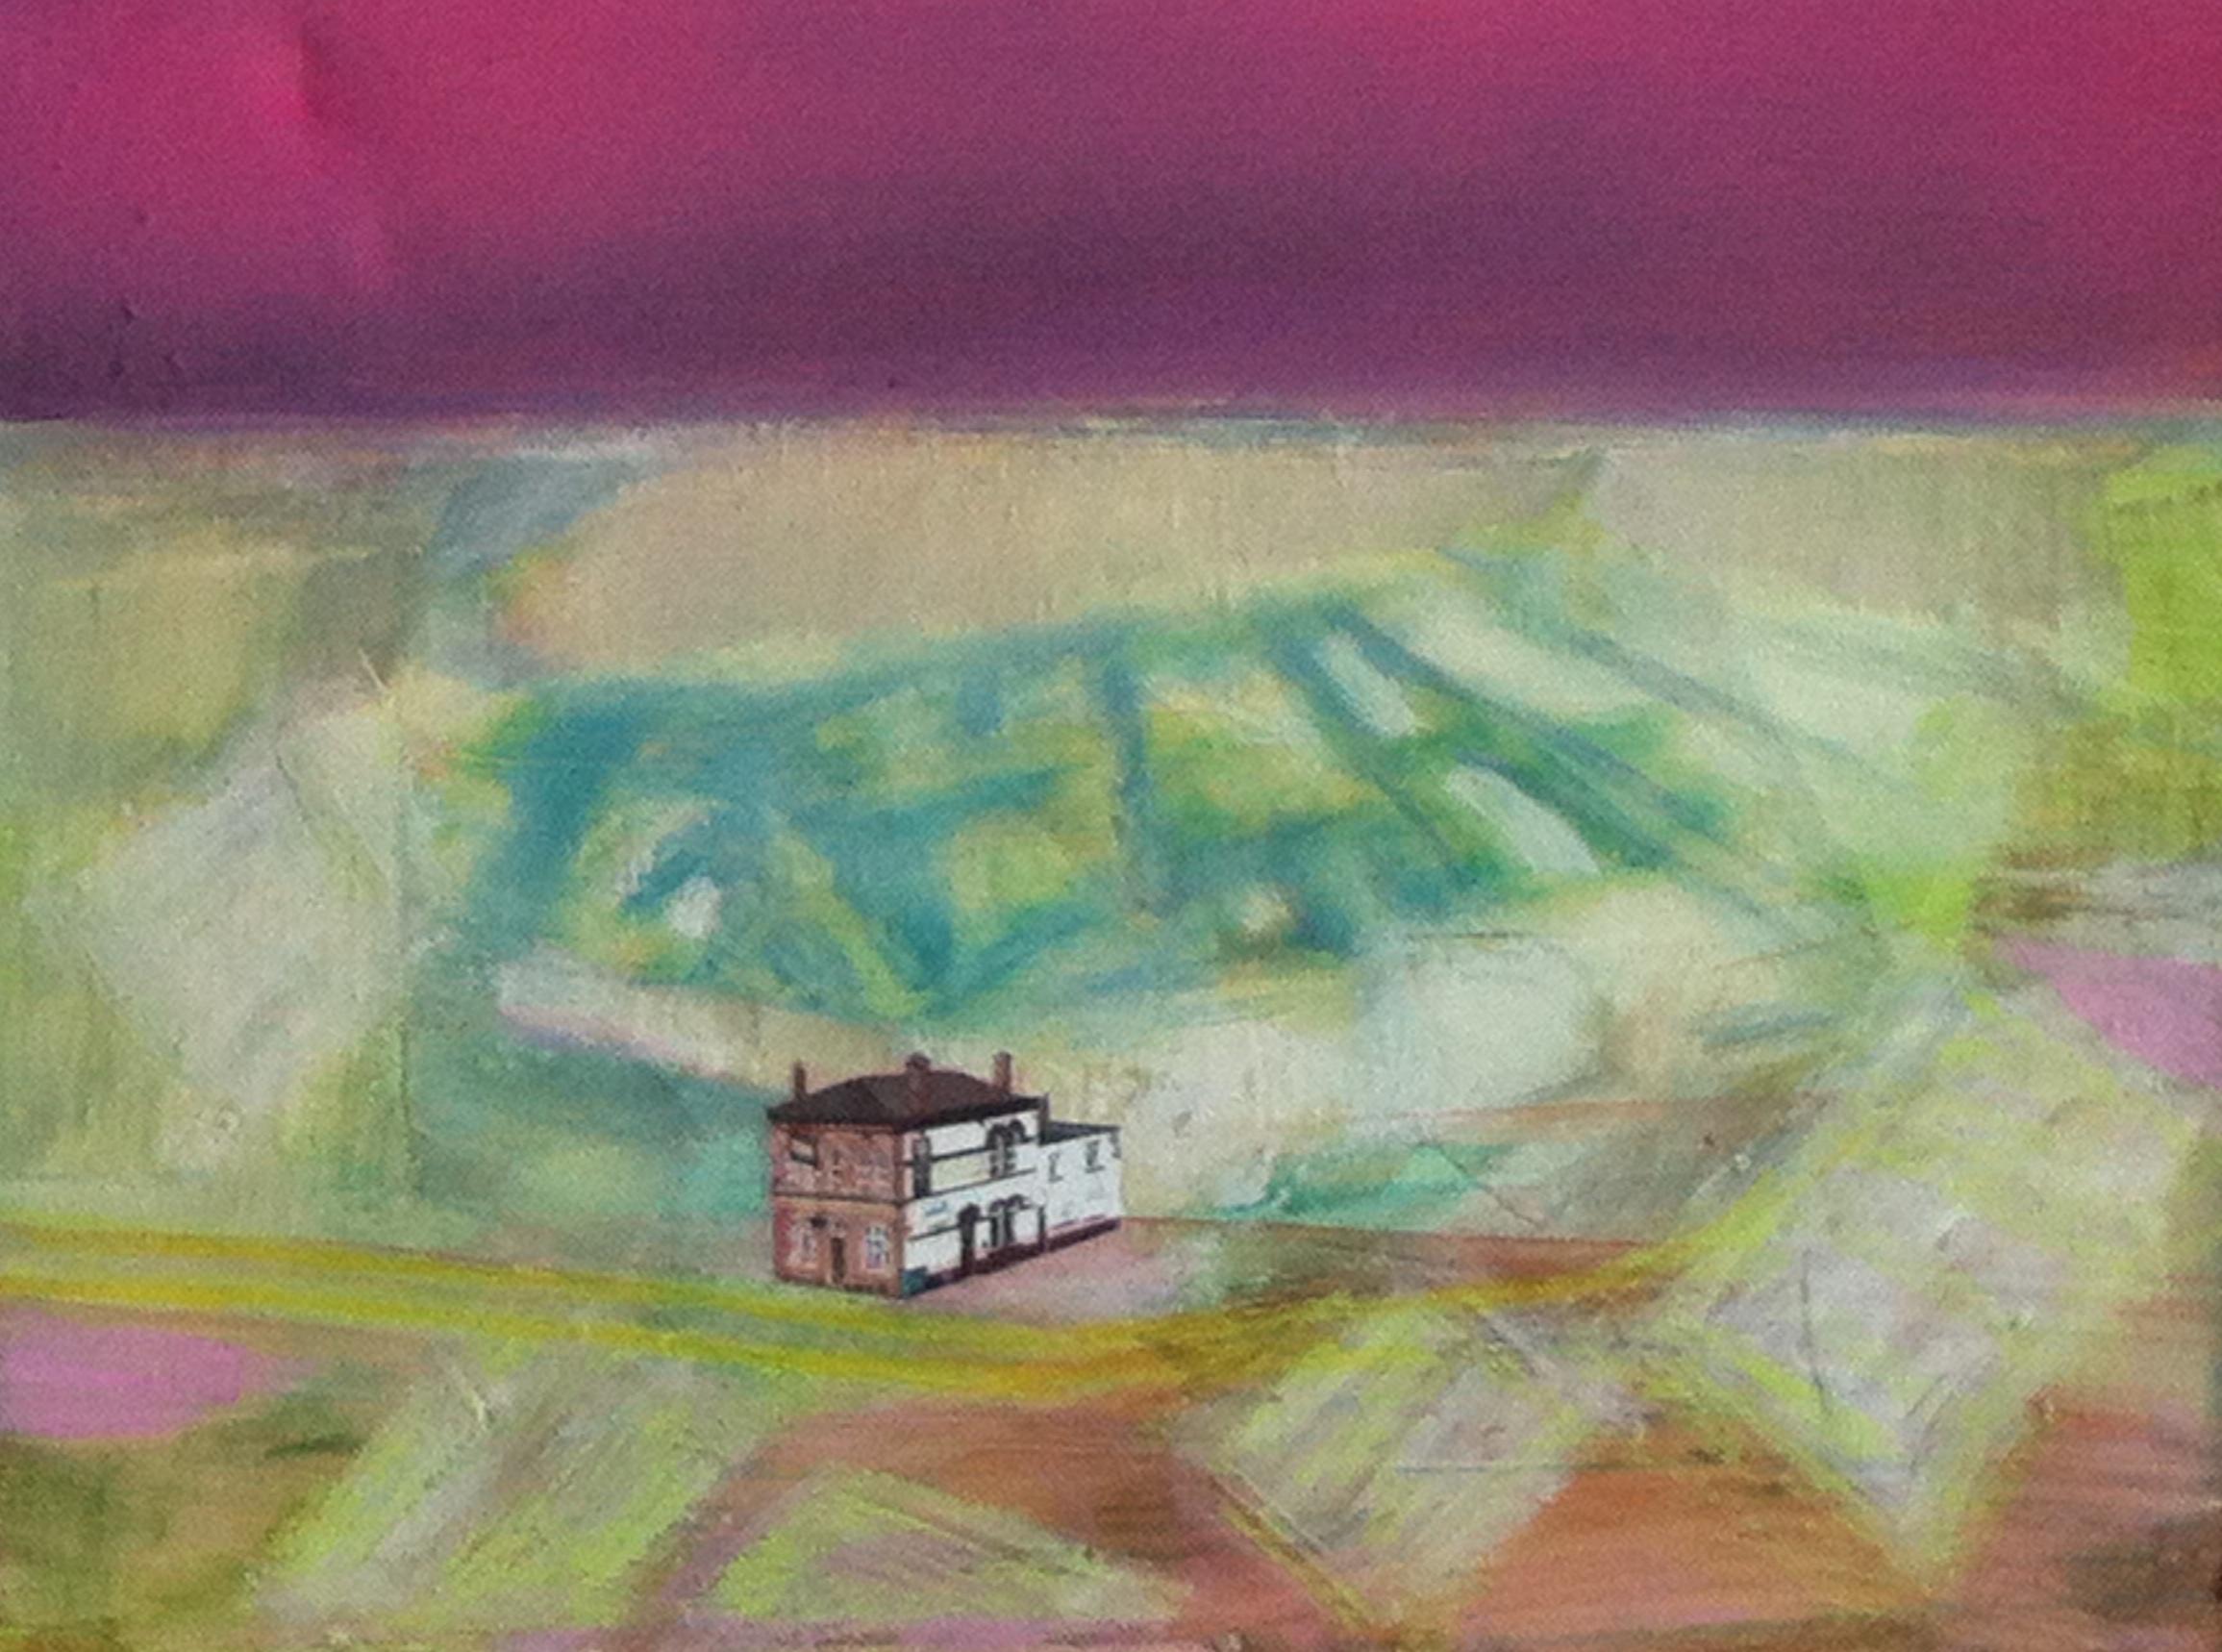 Gillian Holding Edgelands (The Sun Inn) (2013) mixed media on canvas 50cm x 60cm